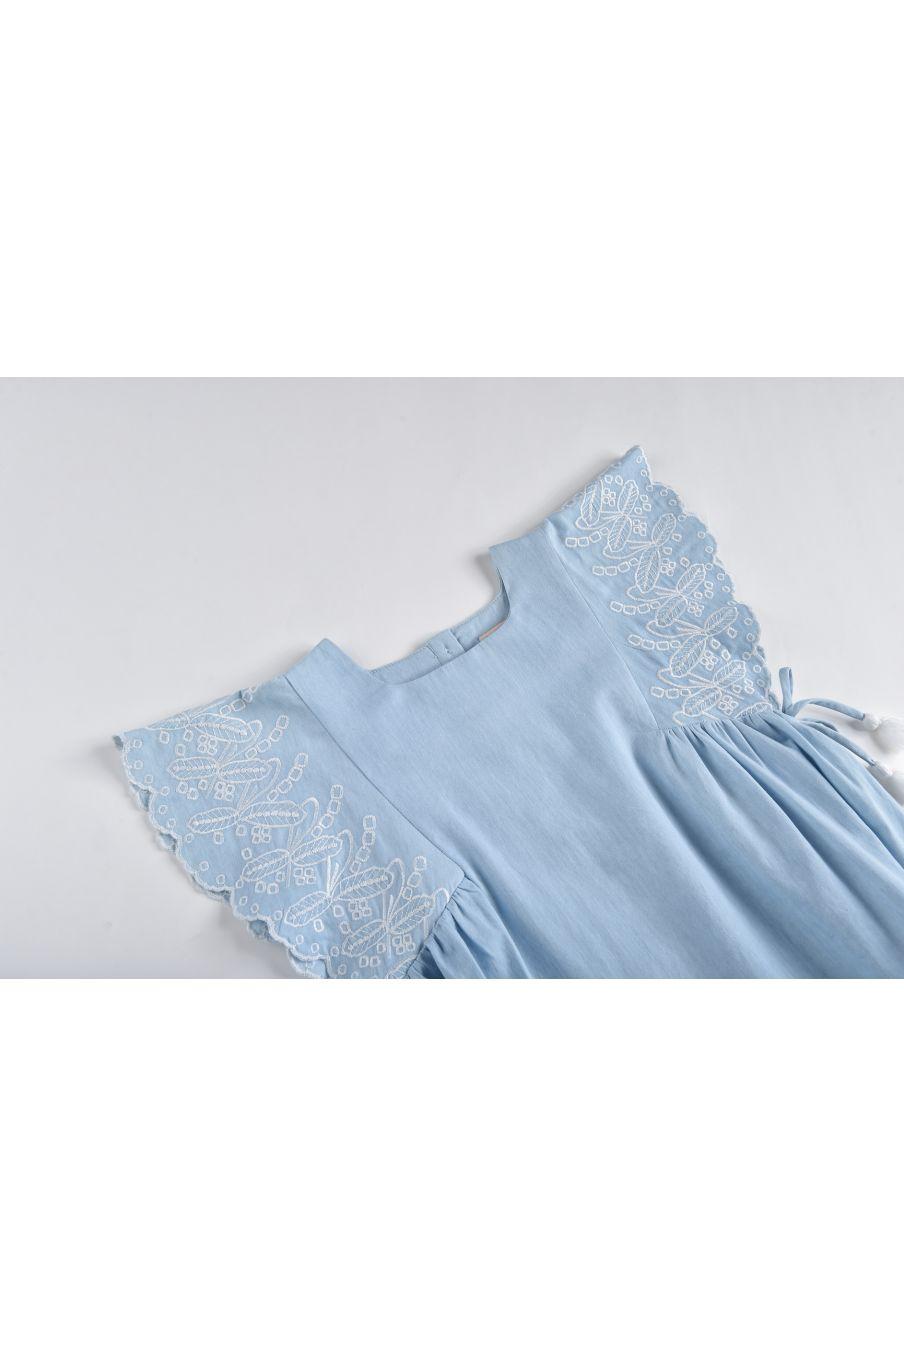 boheme chic vintage robe fille cordoba chambray